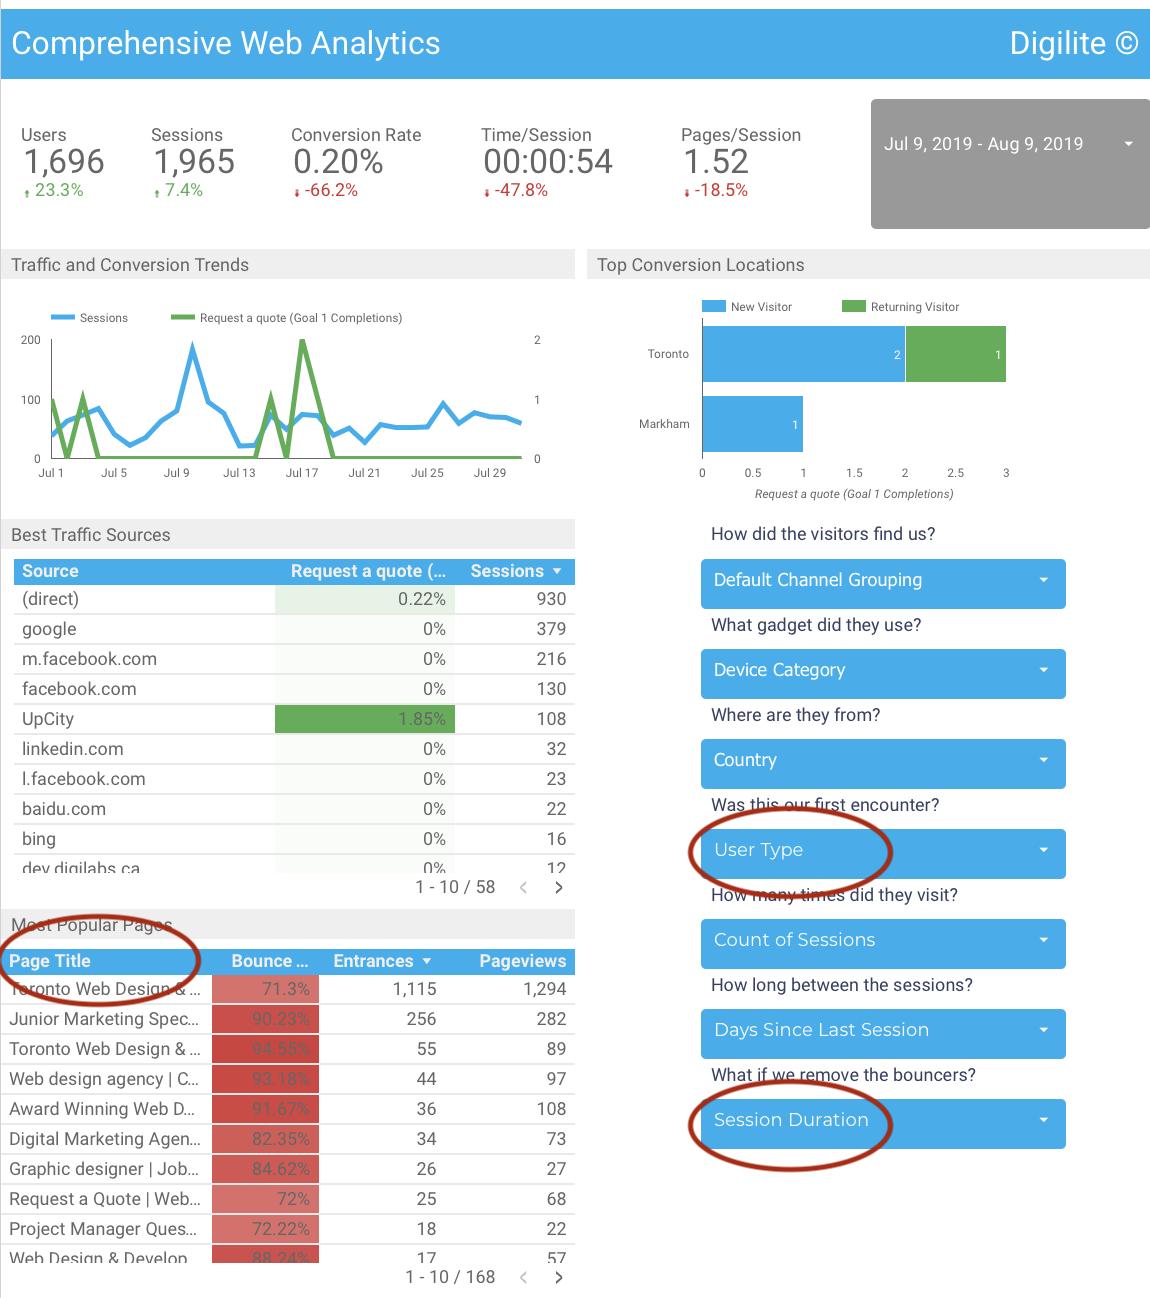 Comprehensive Web Analysis